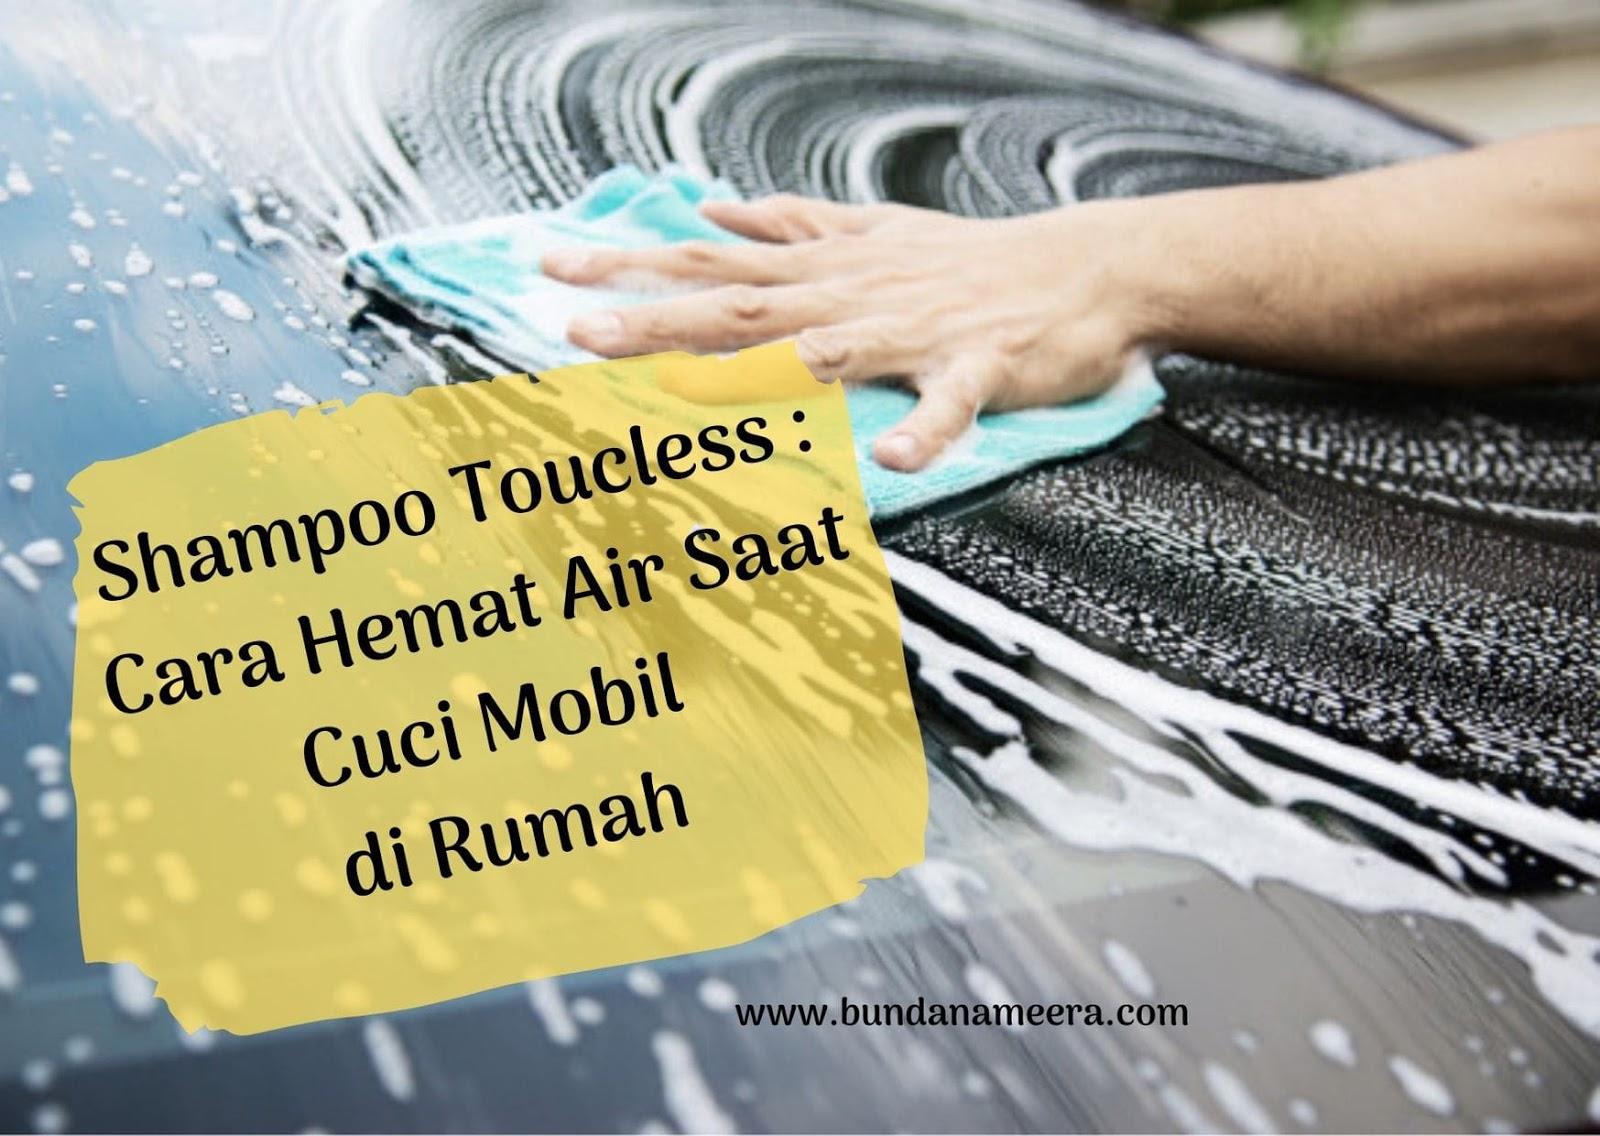 Shampoo Toucless : Cara Hemat Air Saat Cuci Mobil Di Rumah